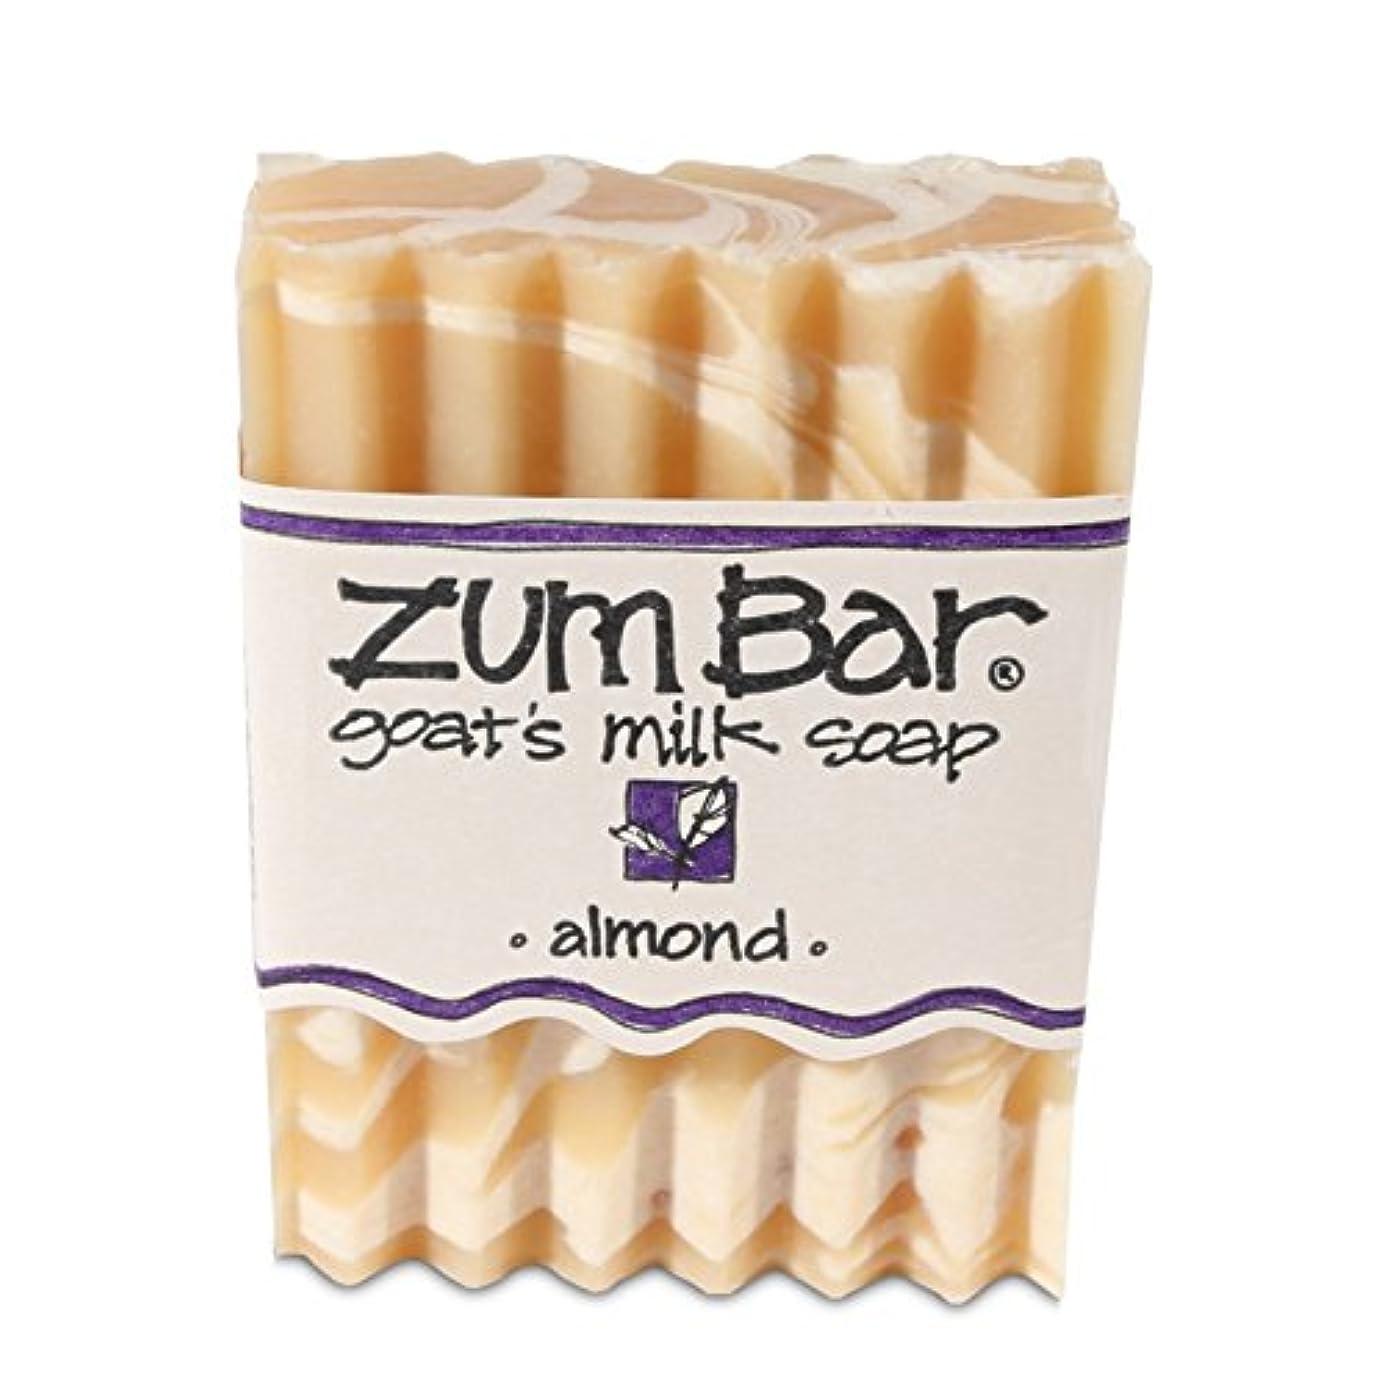 活気づけるドロー引き受ける海外直送品 Indigo Wild, Zum Bar, Goat's ミルク ソープ アーモンド , 3 Ounces (2個セット) (Almond) [並行輸入品]